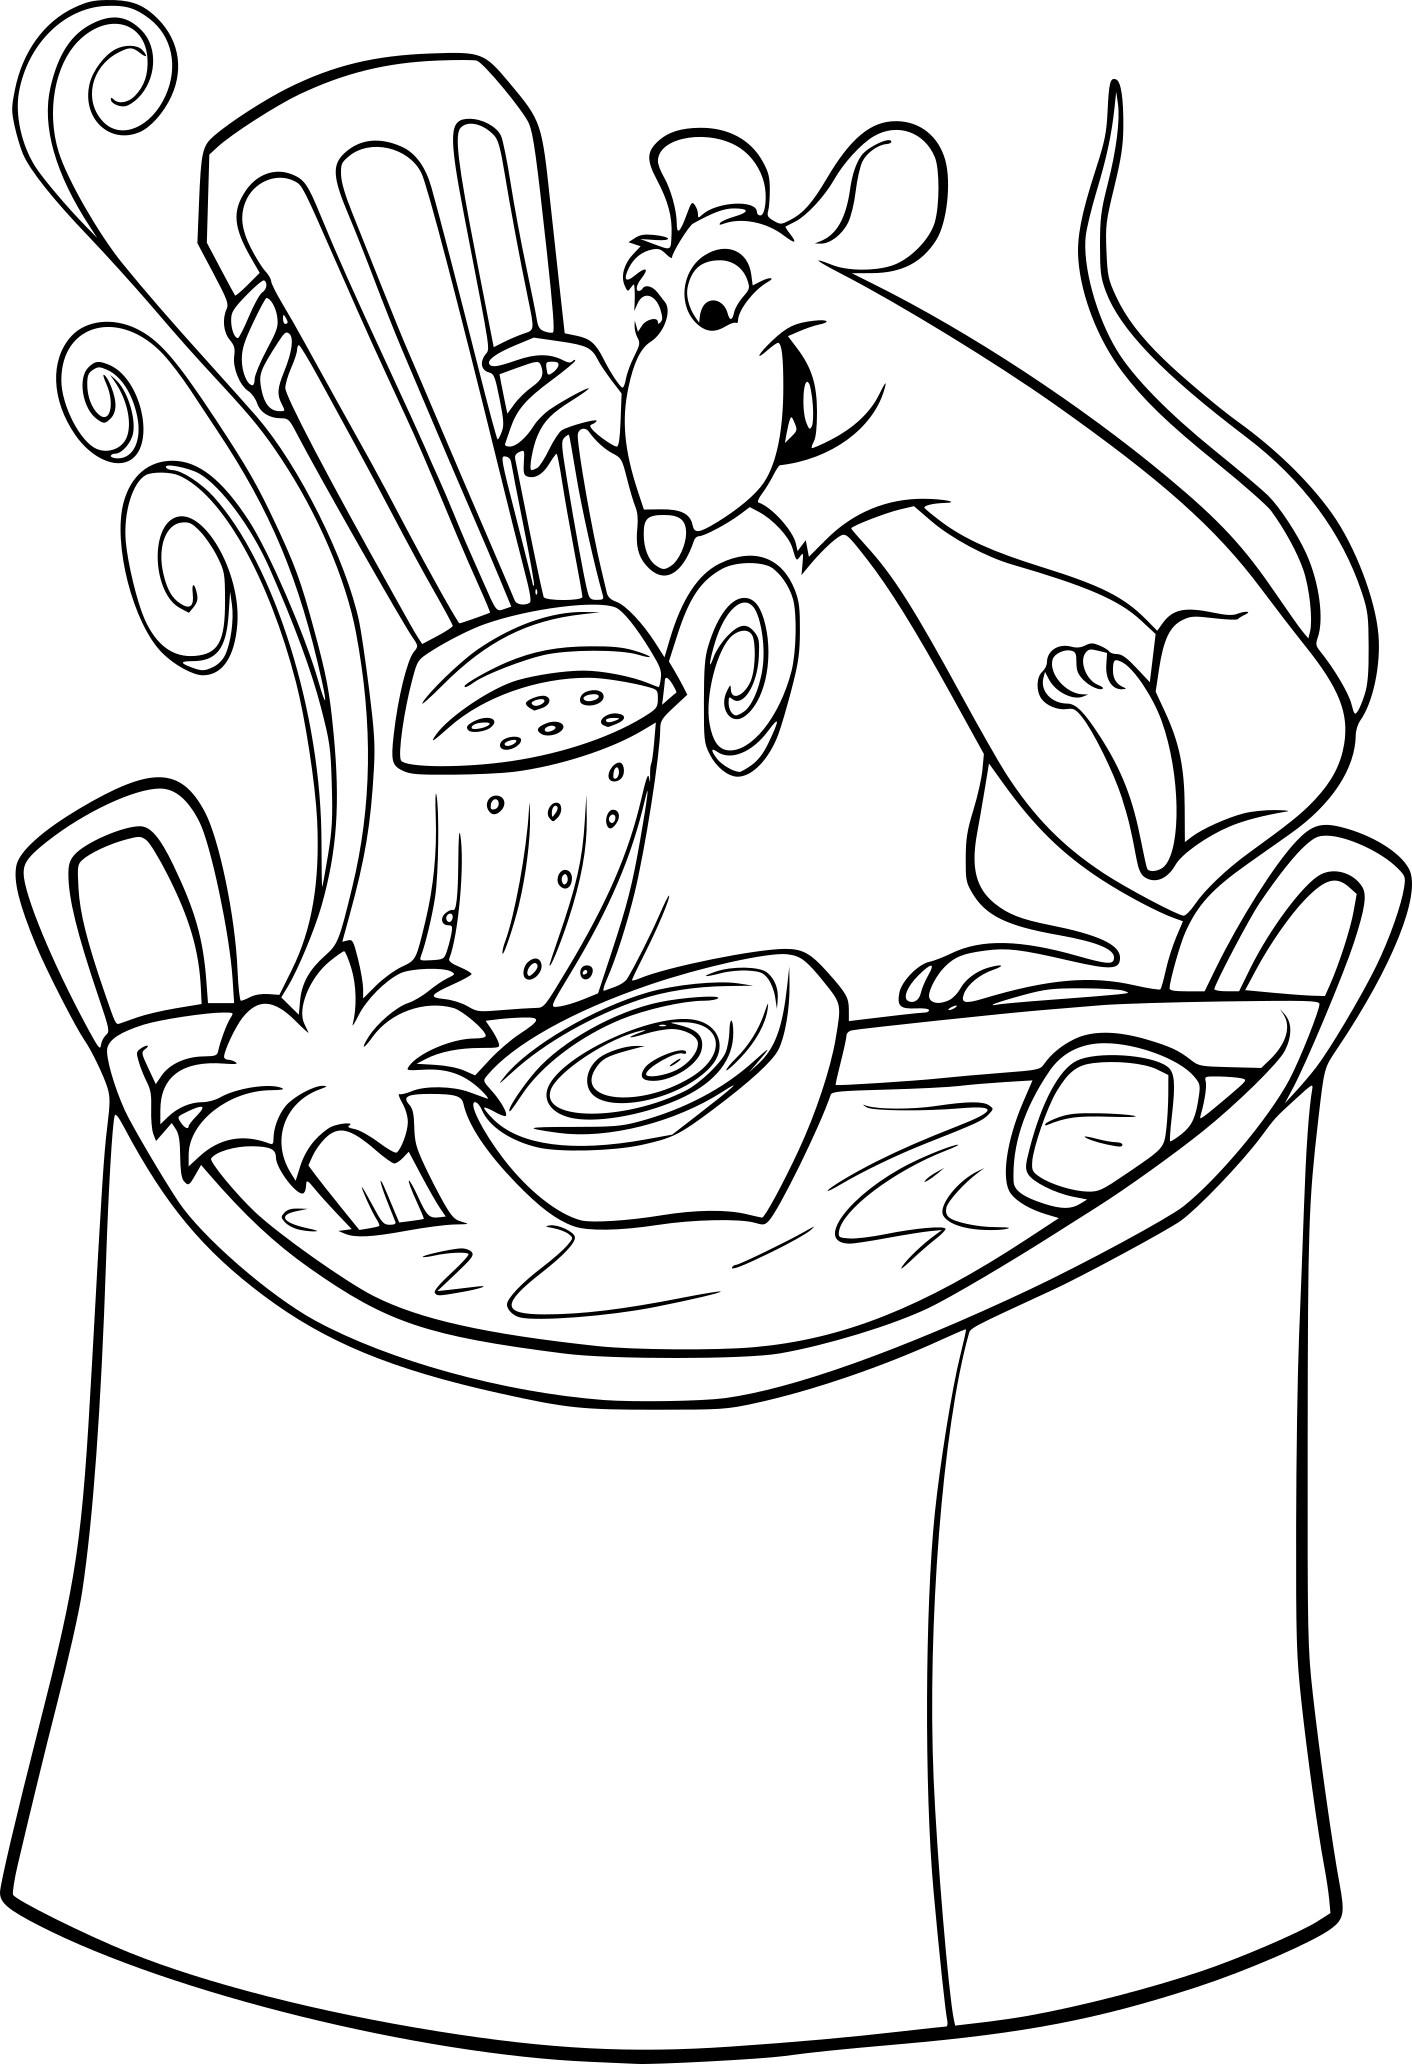 Coloriage Cuisine Rauille À Imprimer Sur Coloriages tout Dessin Ratatouille